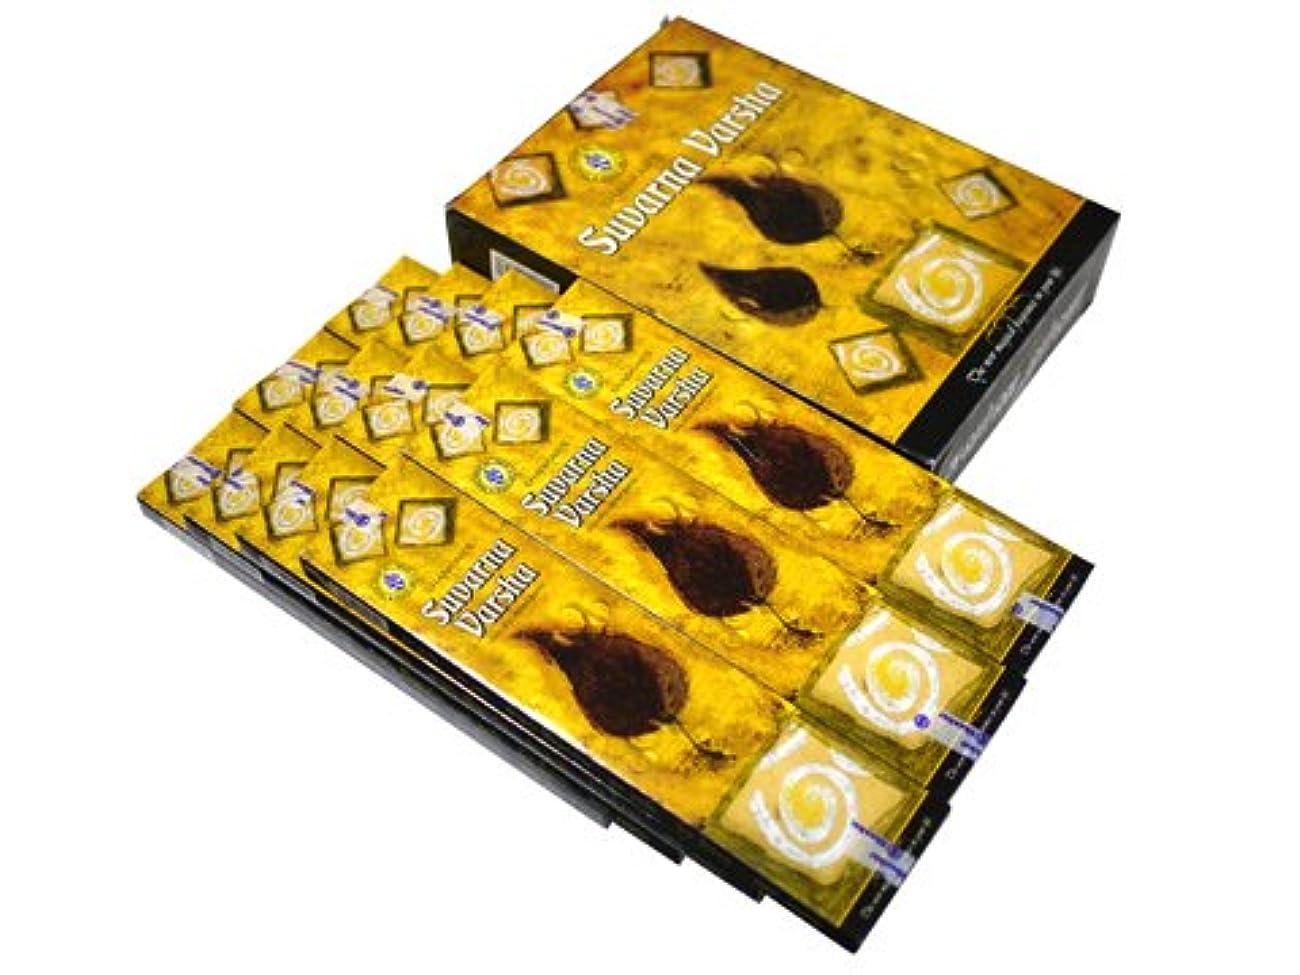 遺跡実験をする秀でるSHANKAR'S(シャンカーズ) スワルナワルシャ香 スティック SUVARNA VARSHA 12箱セット